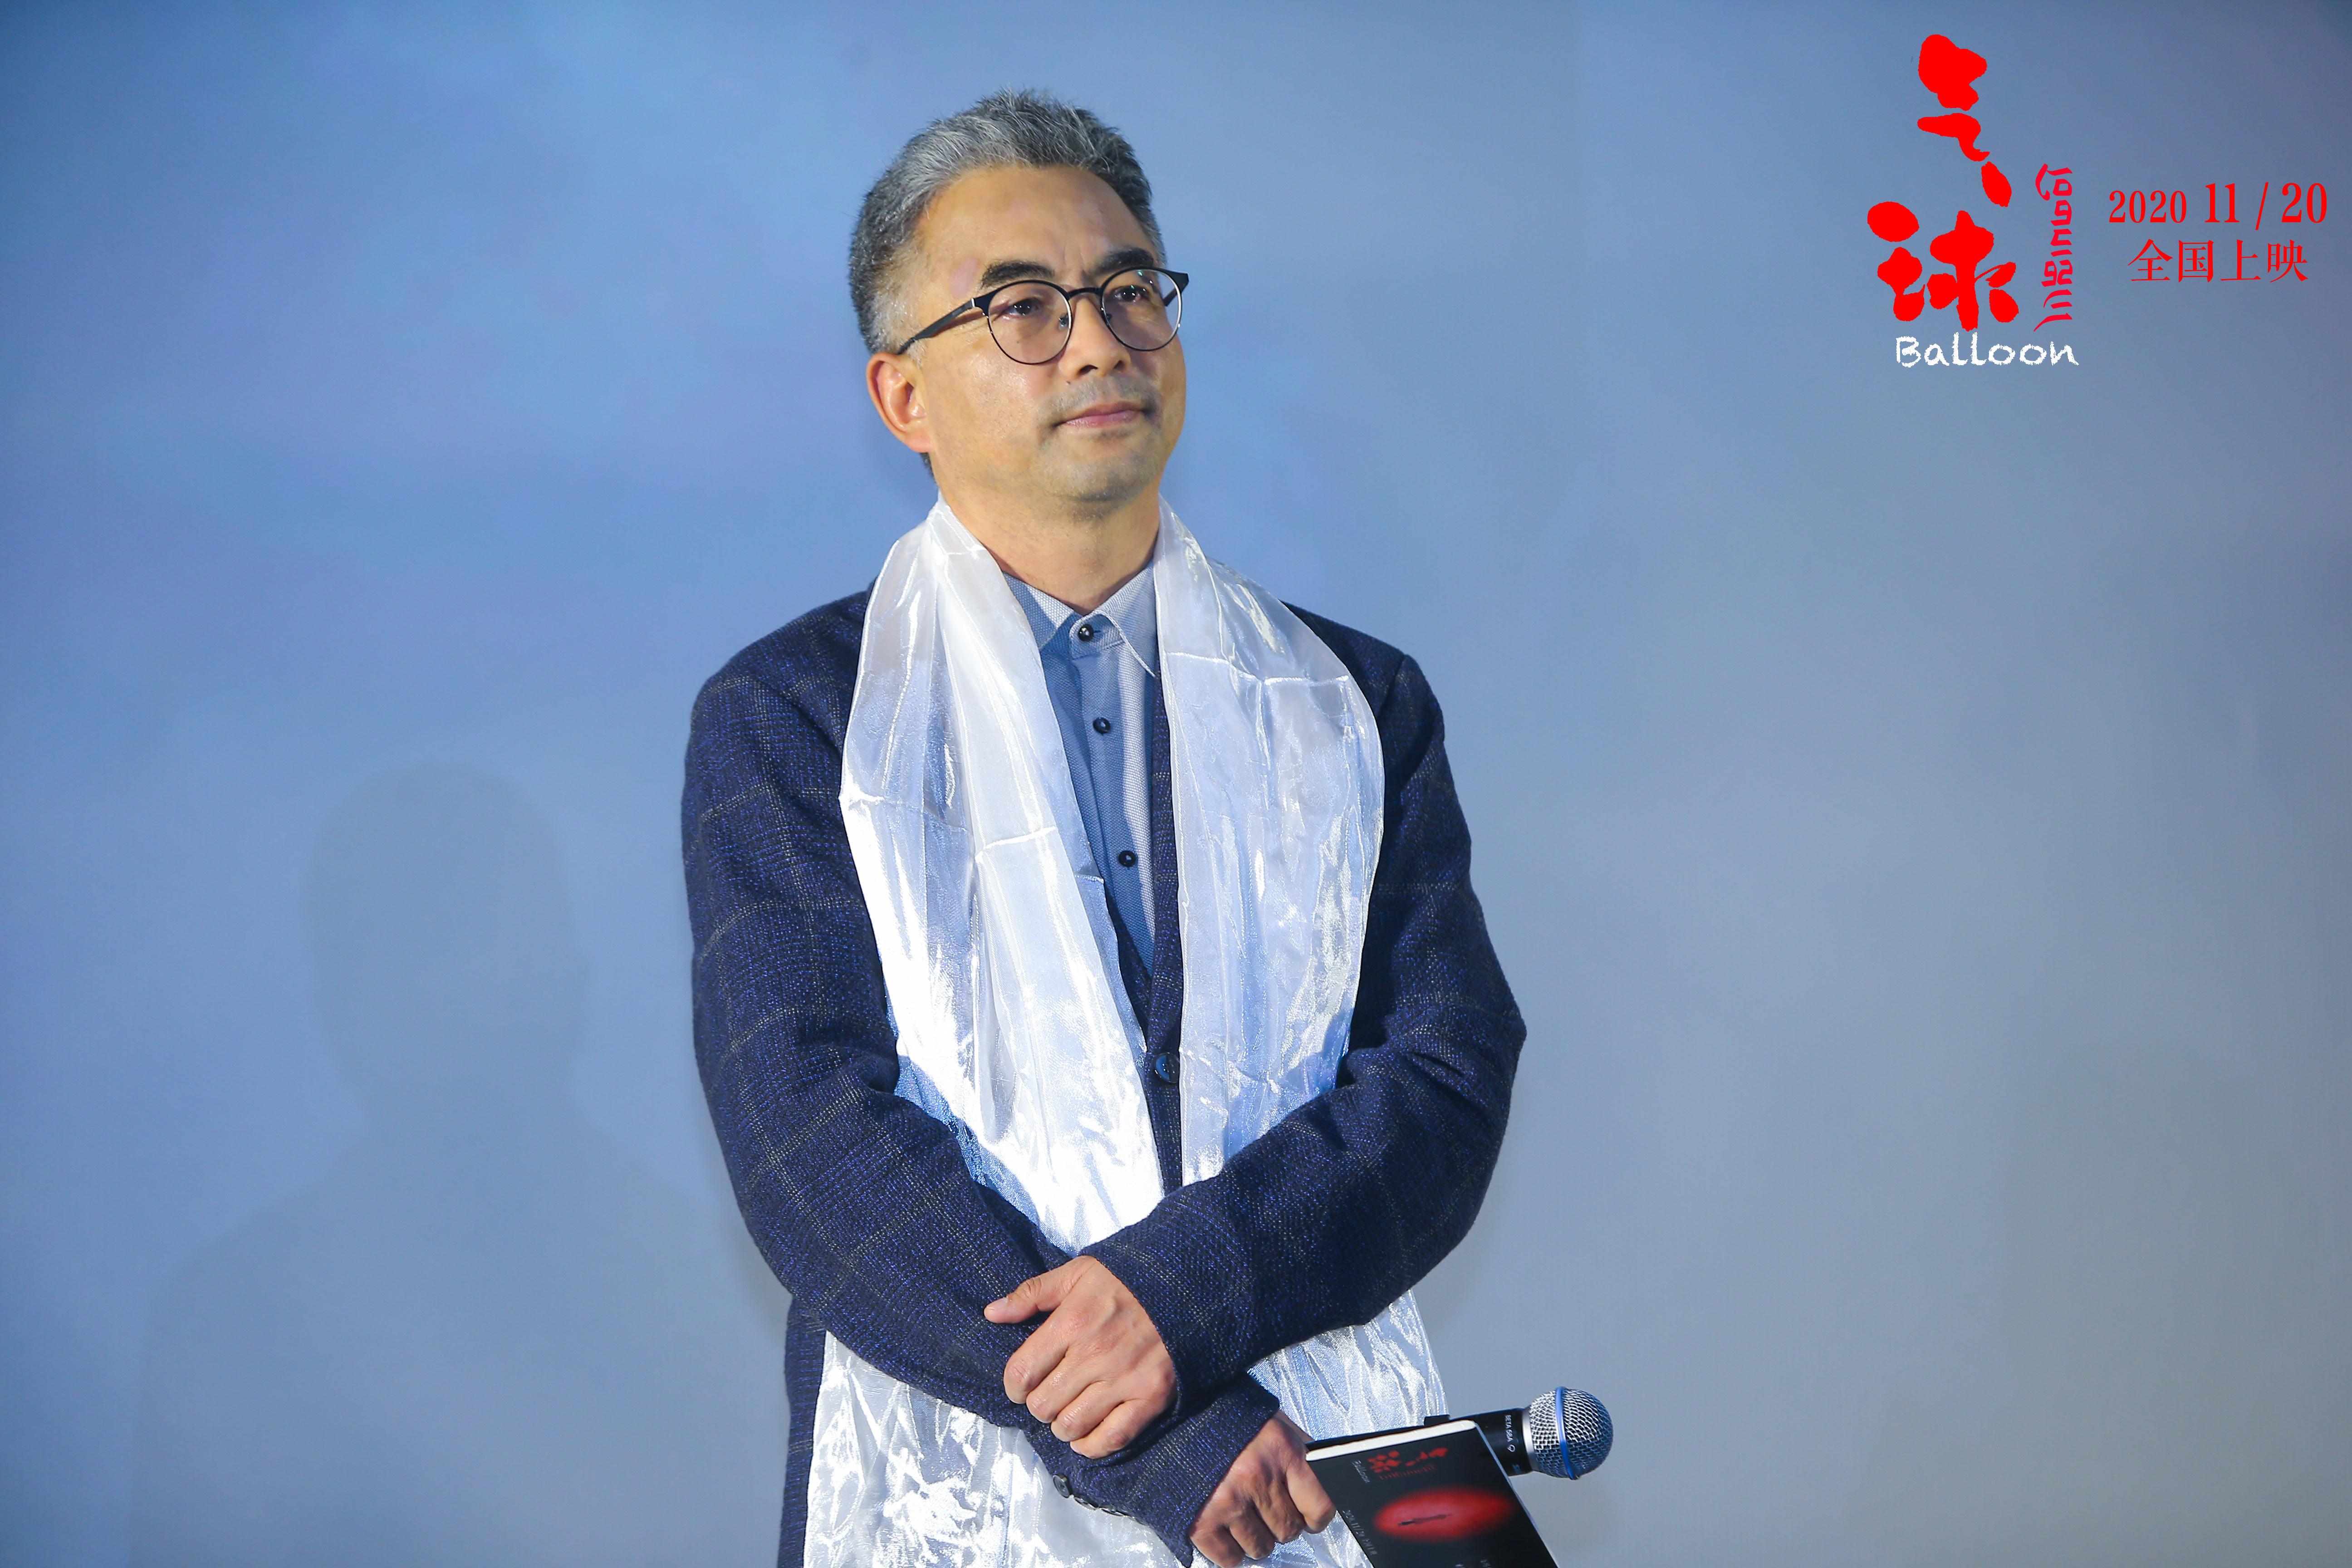 万玛才旦《气球》北京首映 乌尔善祖峰组团送祝福 第3张